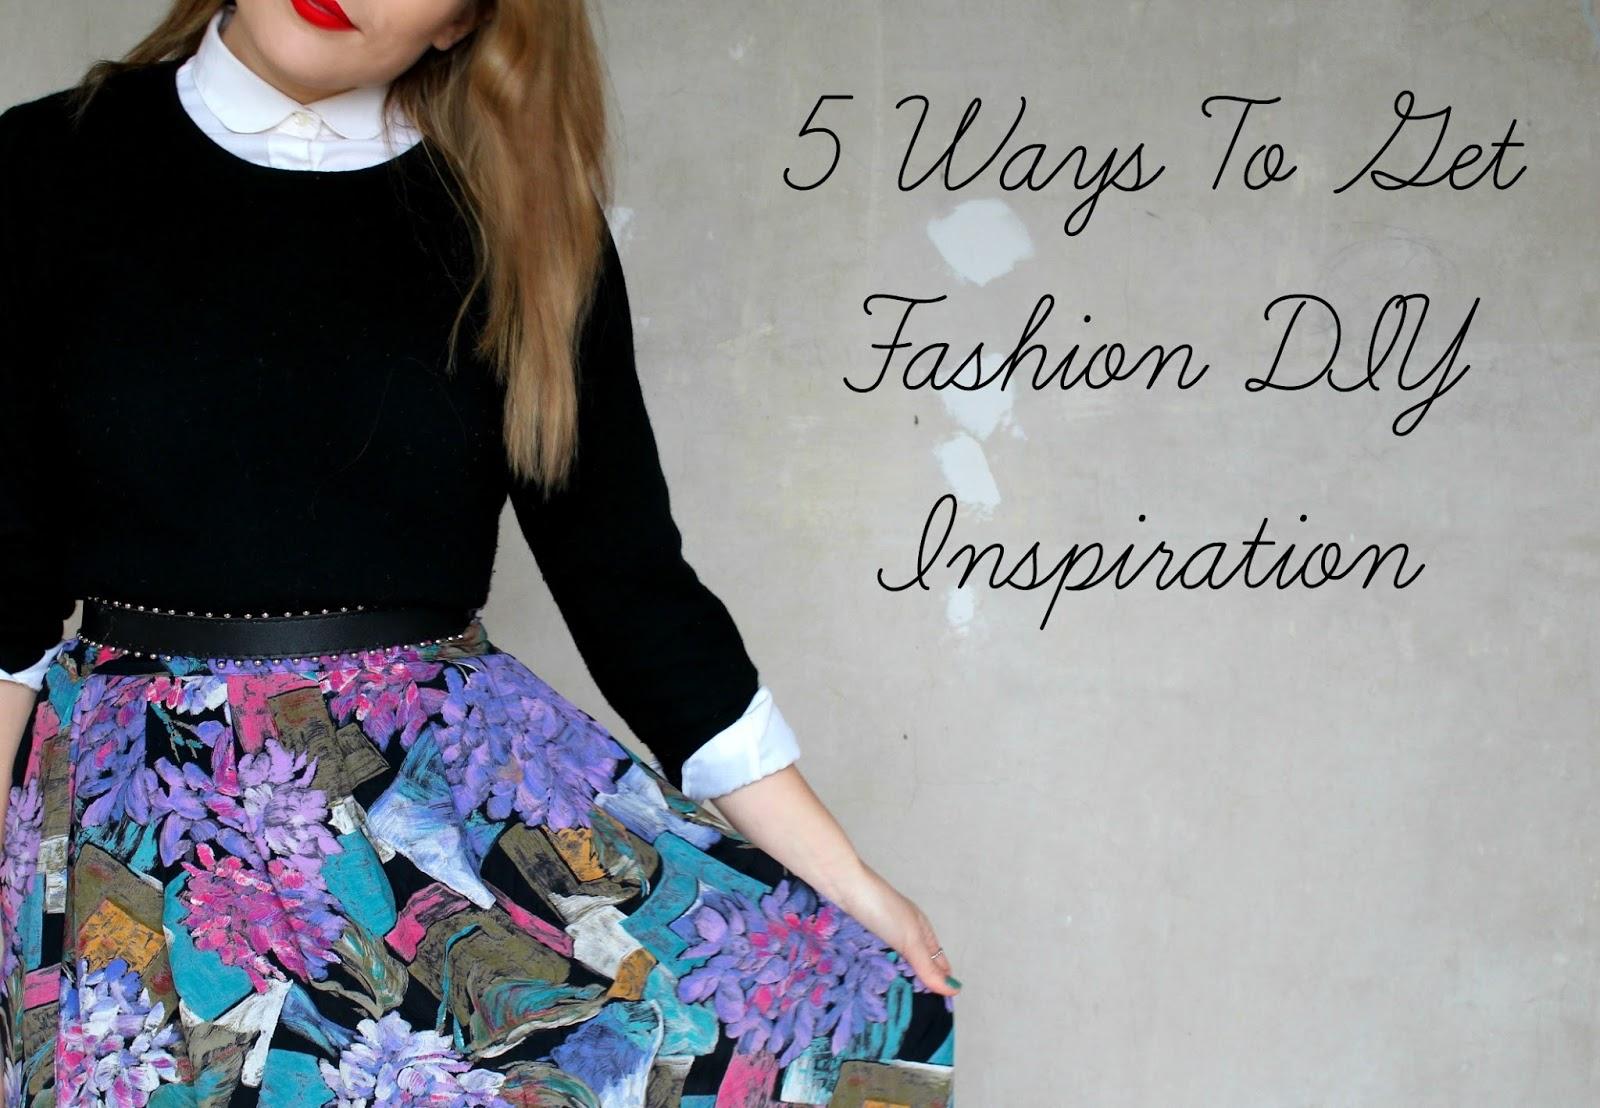 Fashion DIY